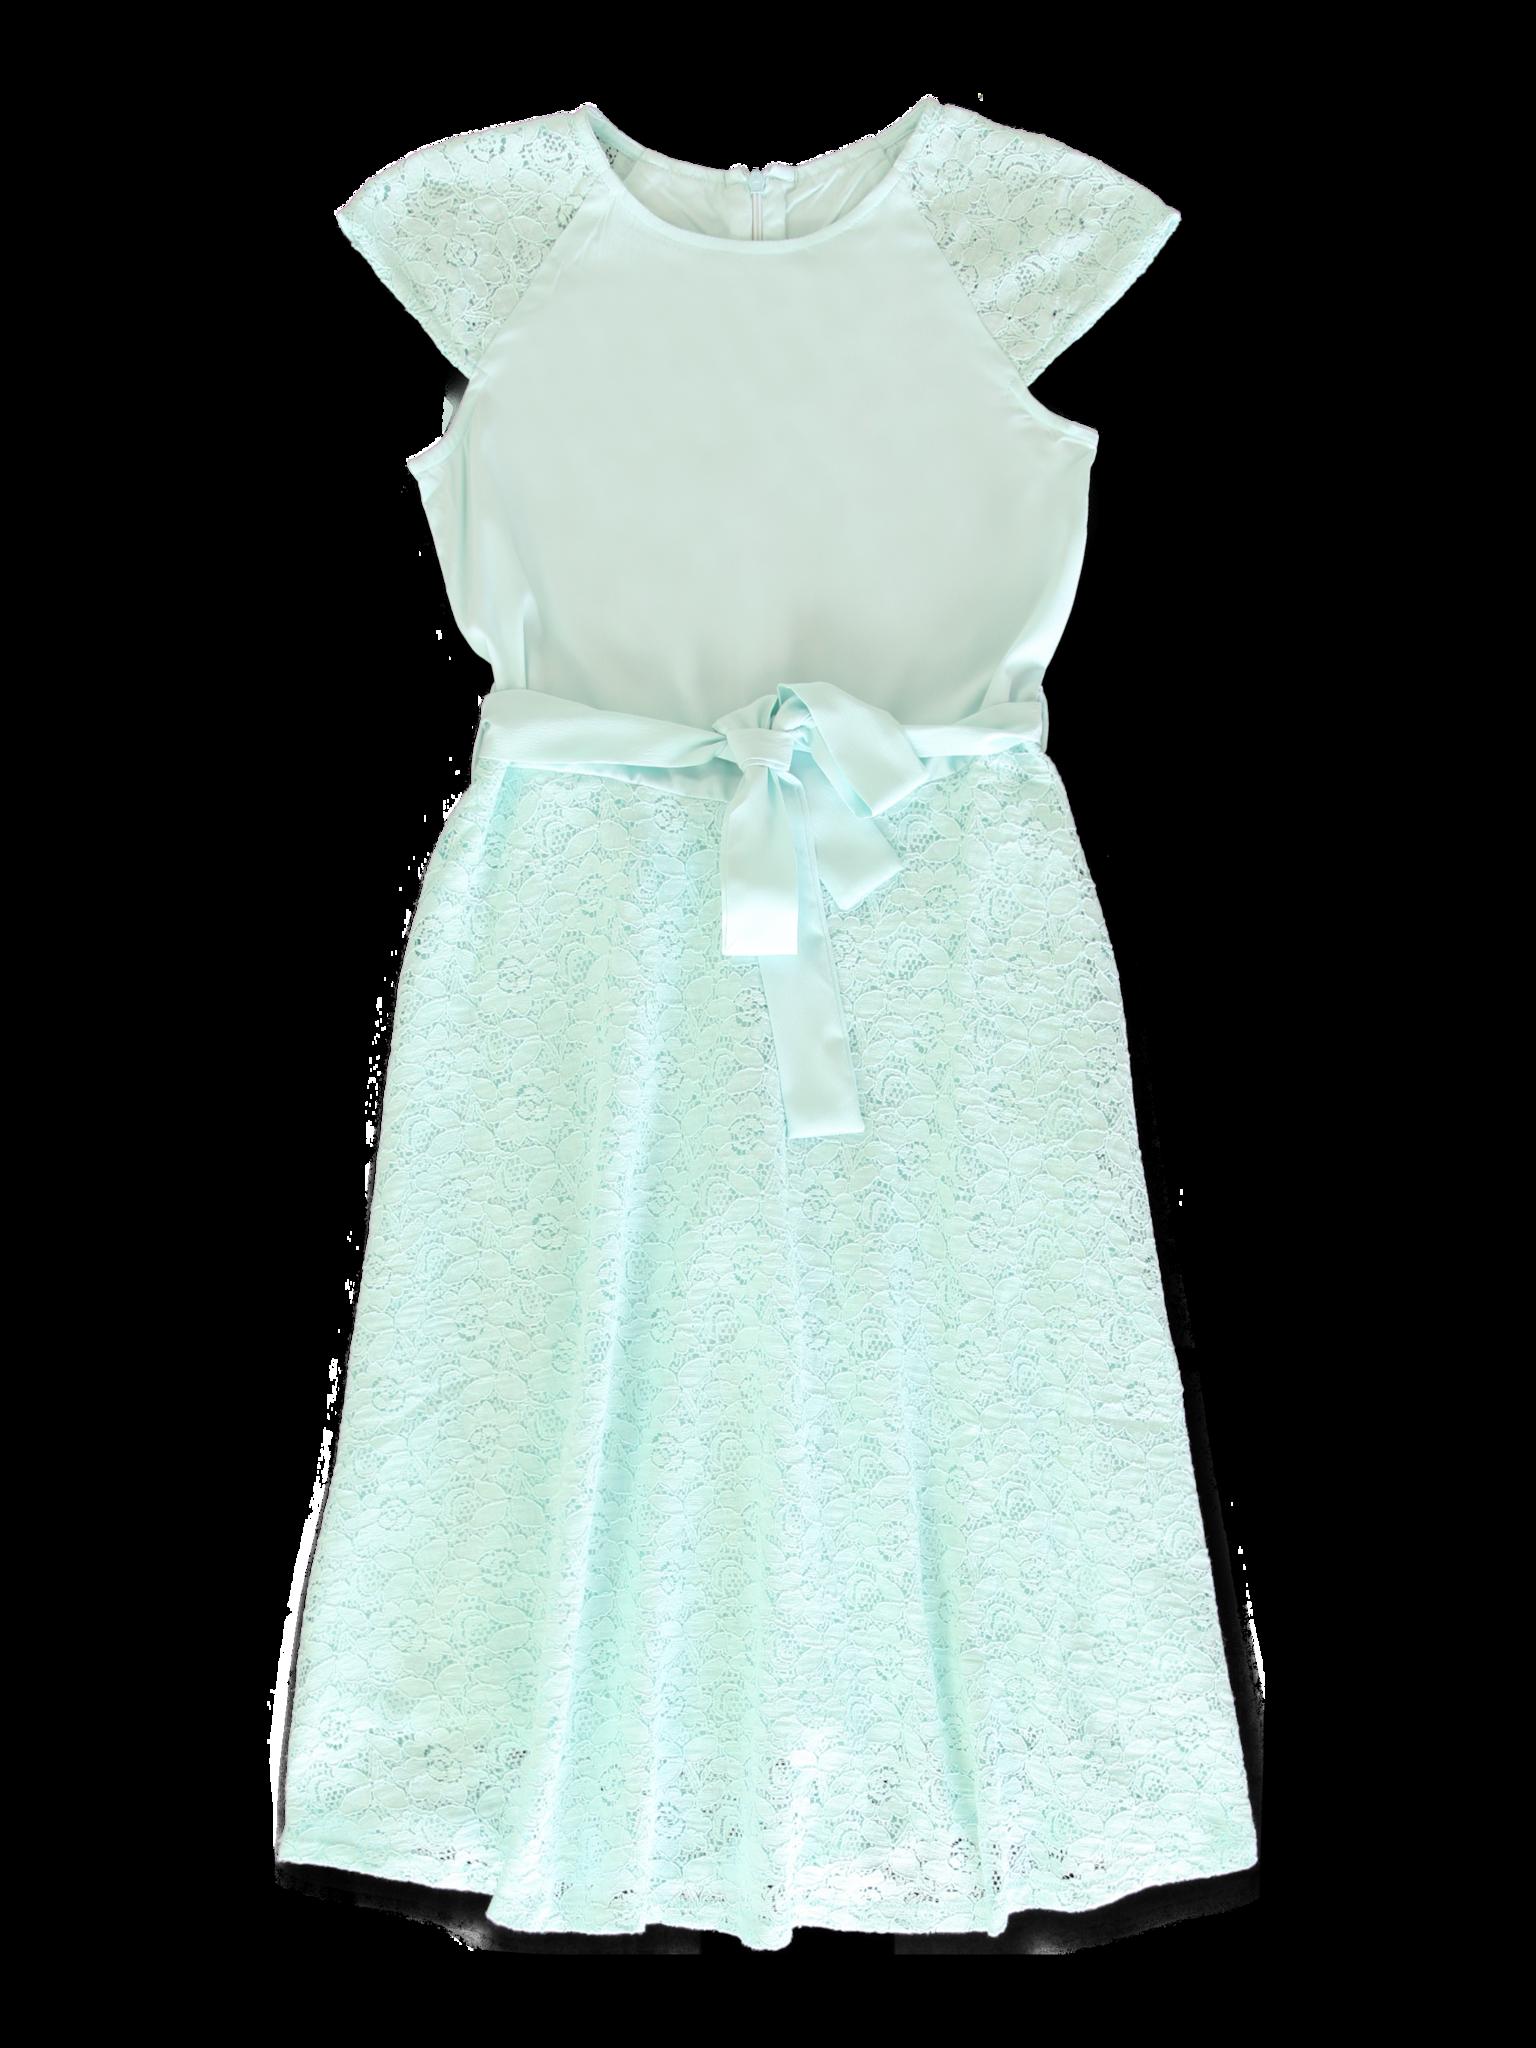 All Brands | Summerproducts Teen Girls | Dress | 10 pcs/box